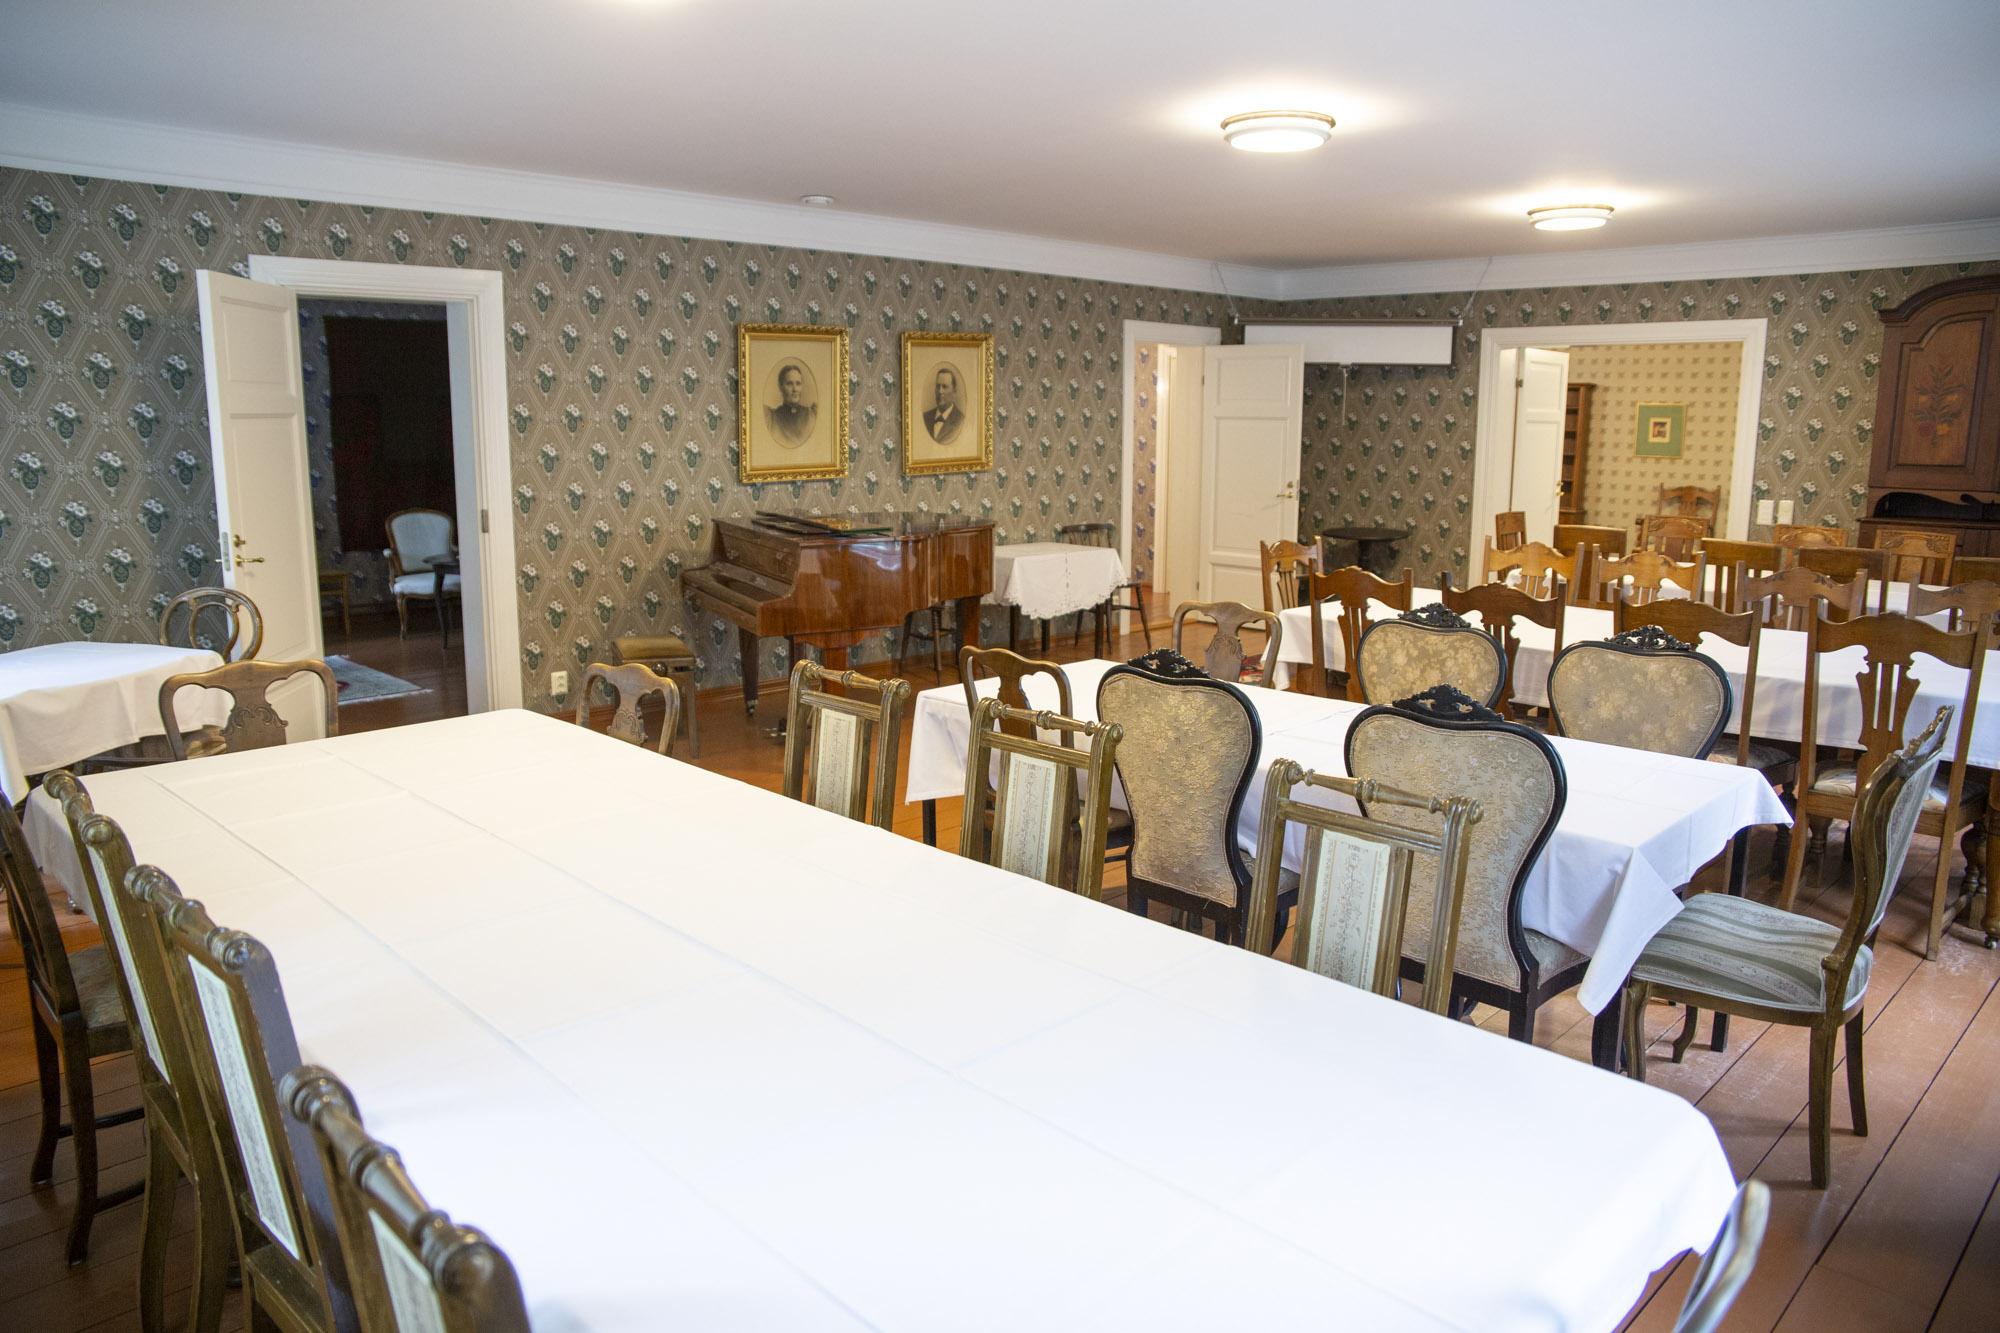 Ruokapöytiä joiden ympärillä tuoleja ja seinän vierellä flyygieli.